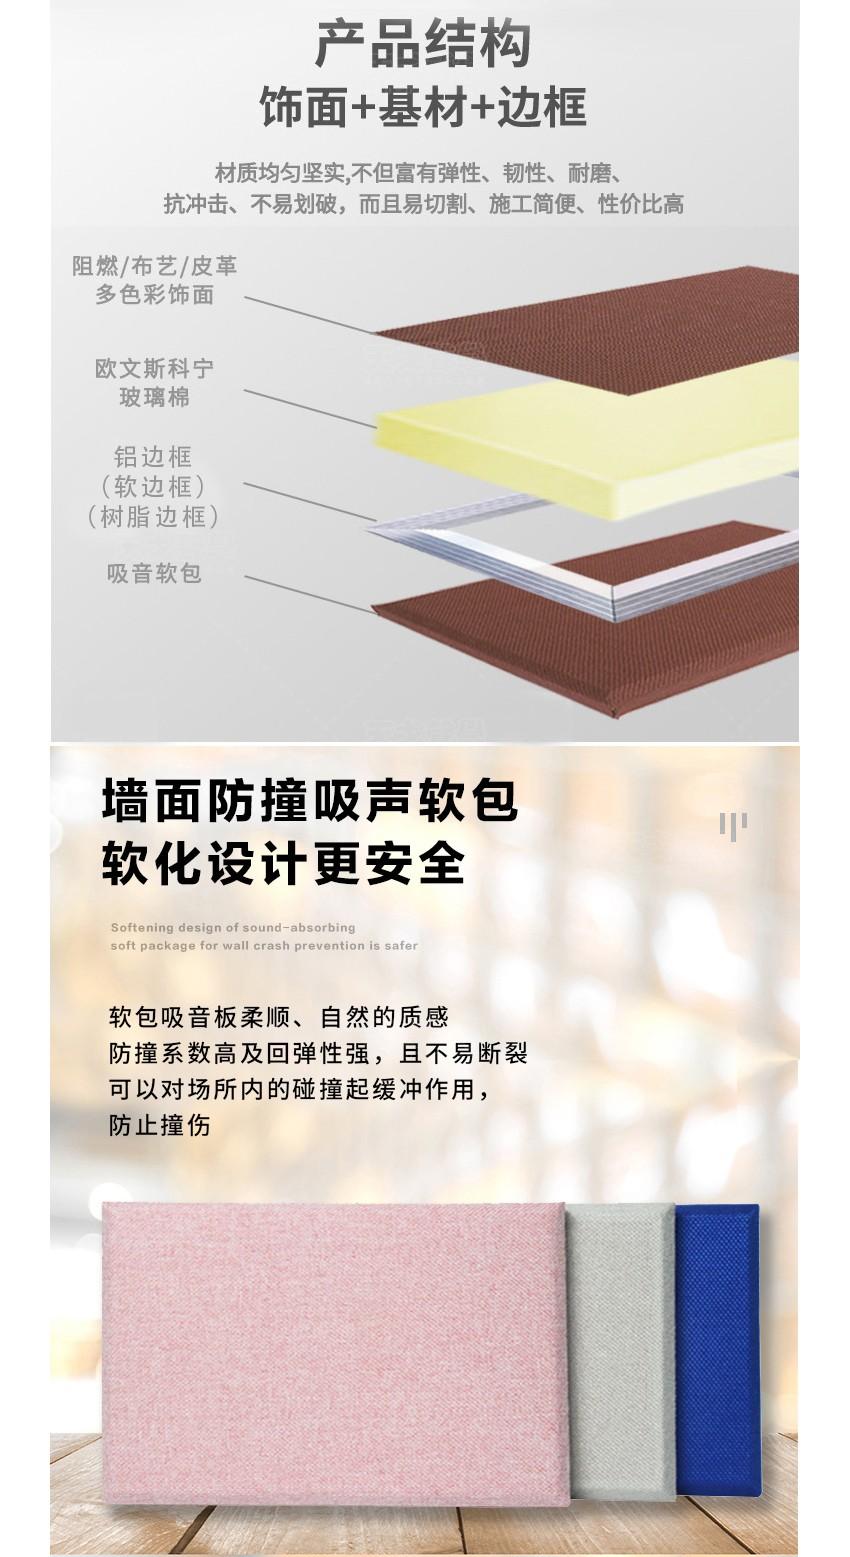 墙面软包吸音板产品结构